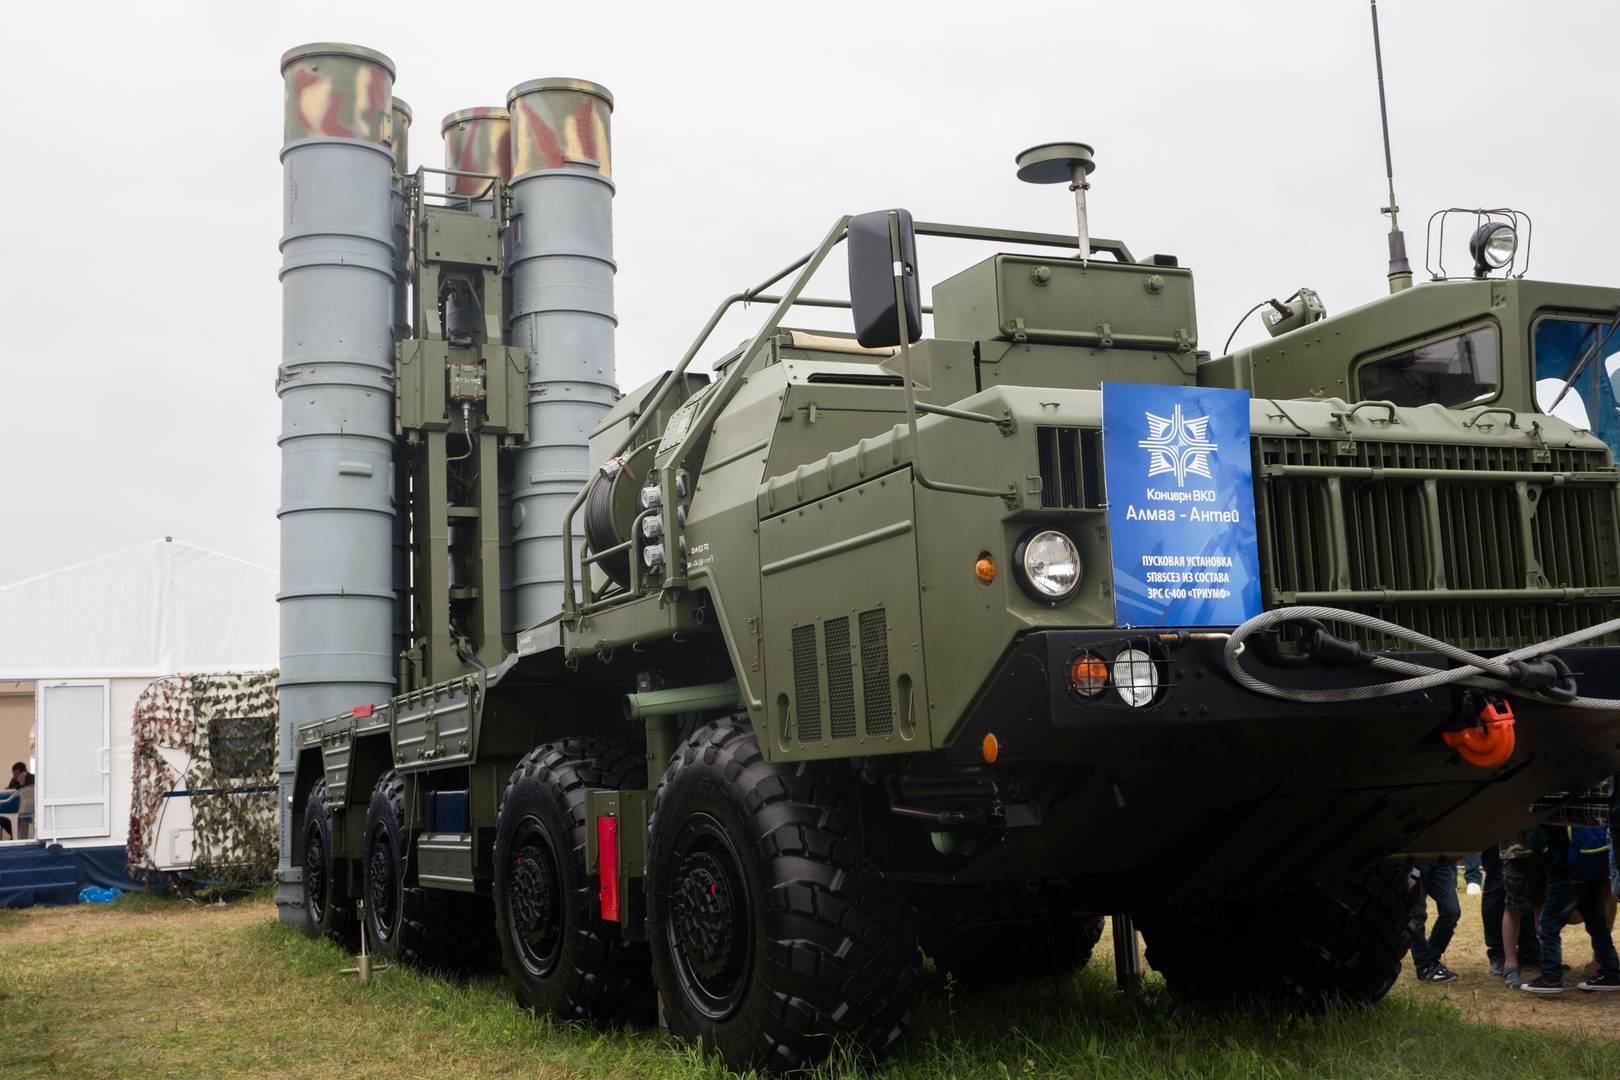 Пусковая установка ЗРС С-400 Триумф. МАКС Раменское. 22.07.2017